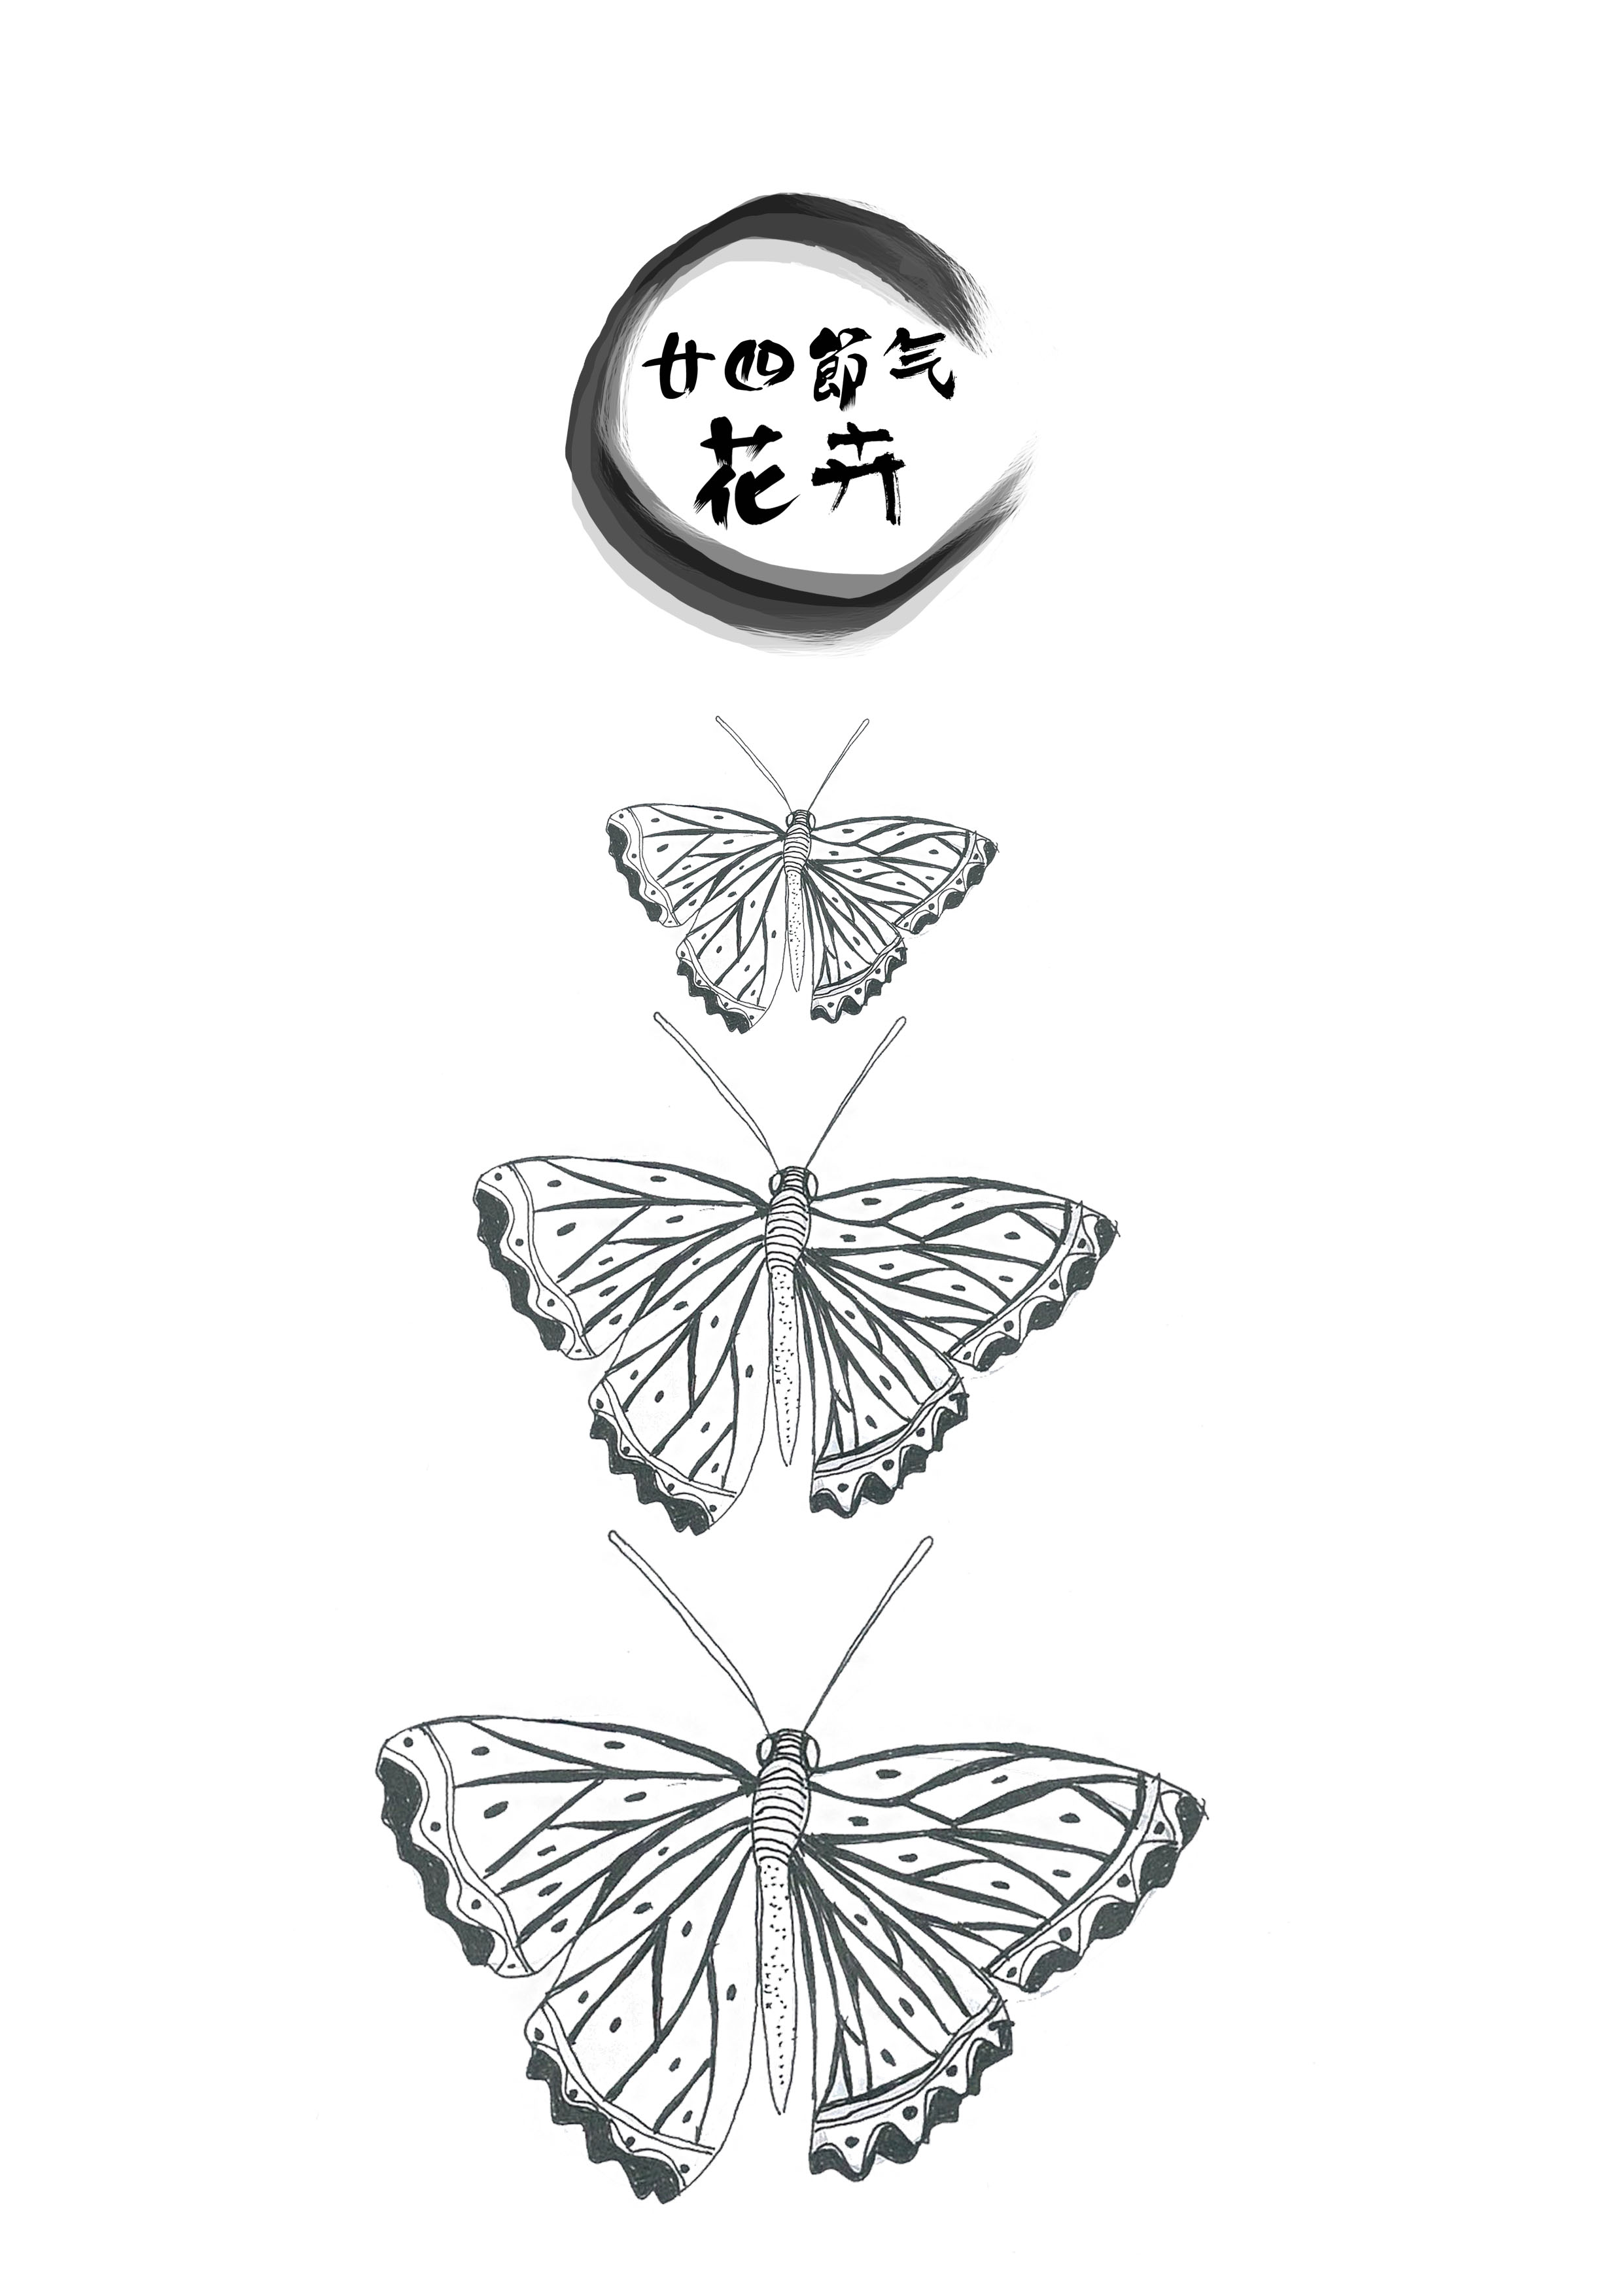 二十四节气花卉插画设计